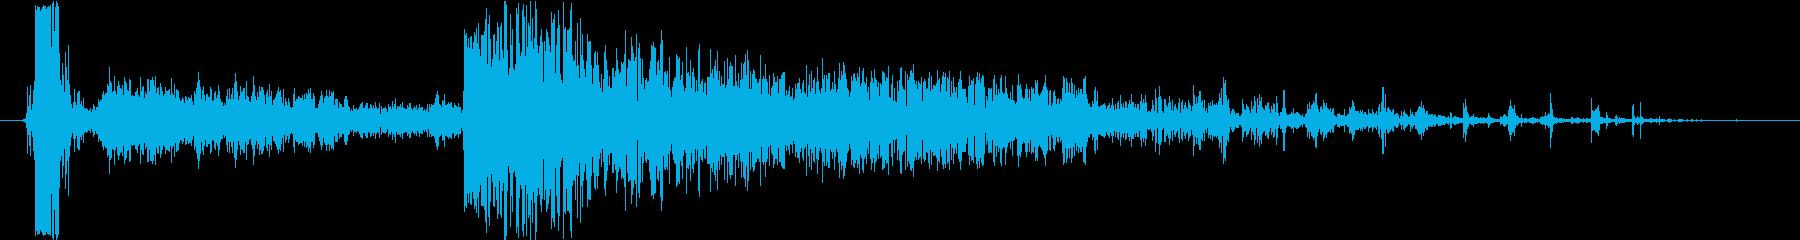 衝撃 エアストライク10の再生済みの波形